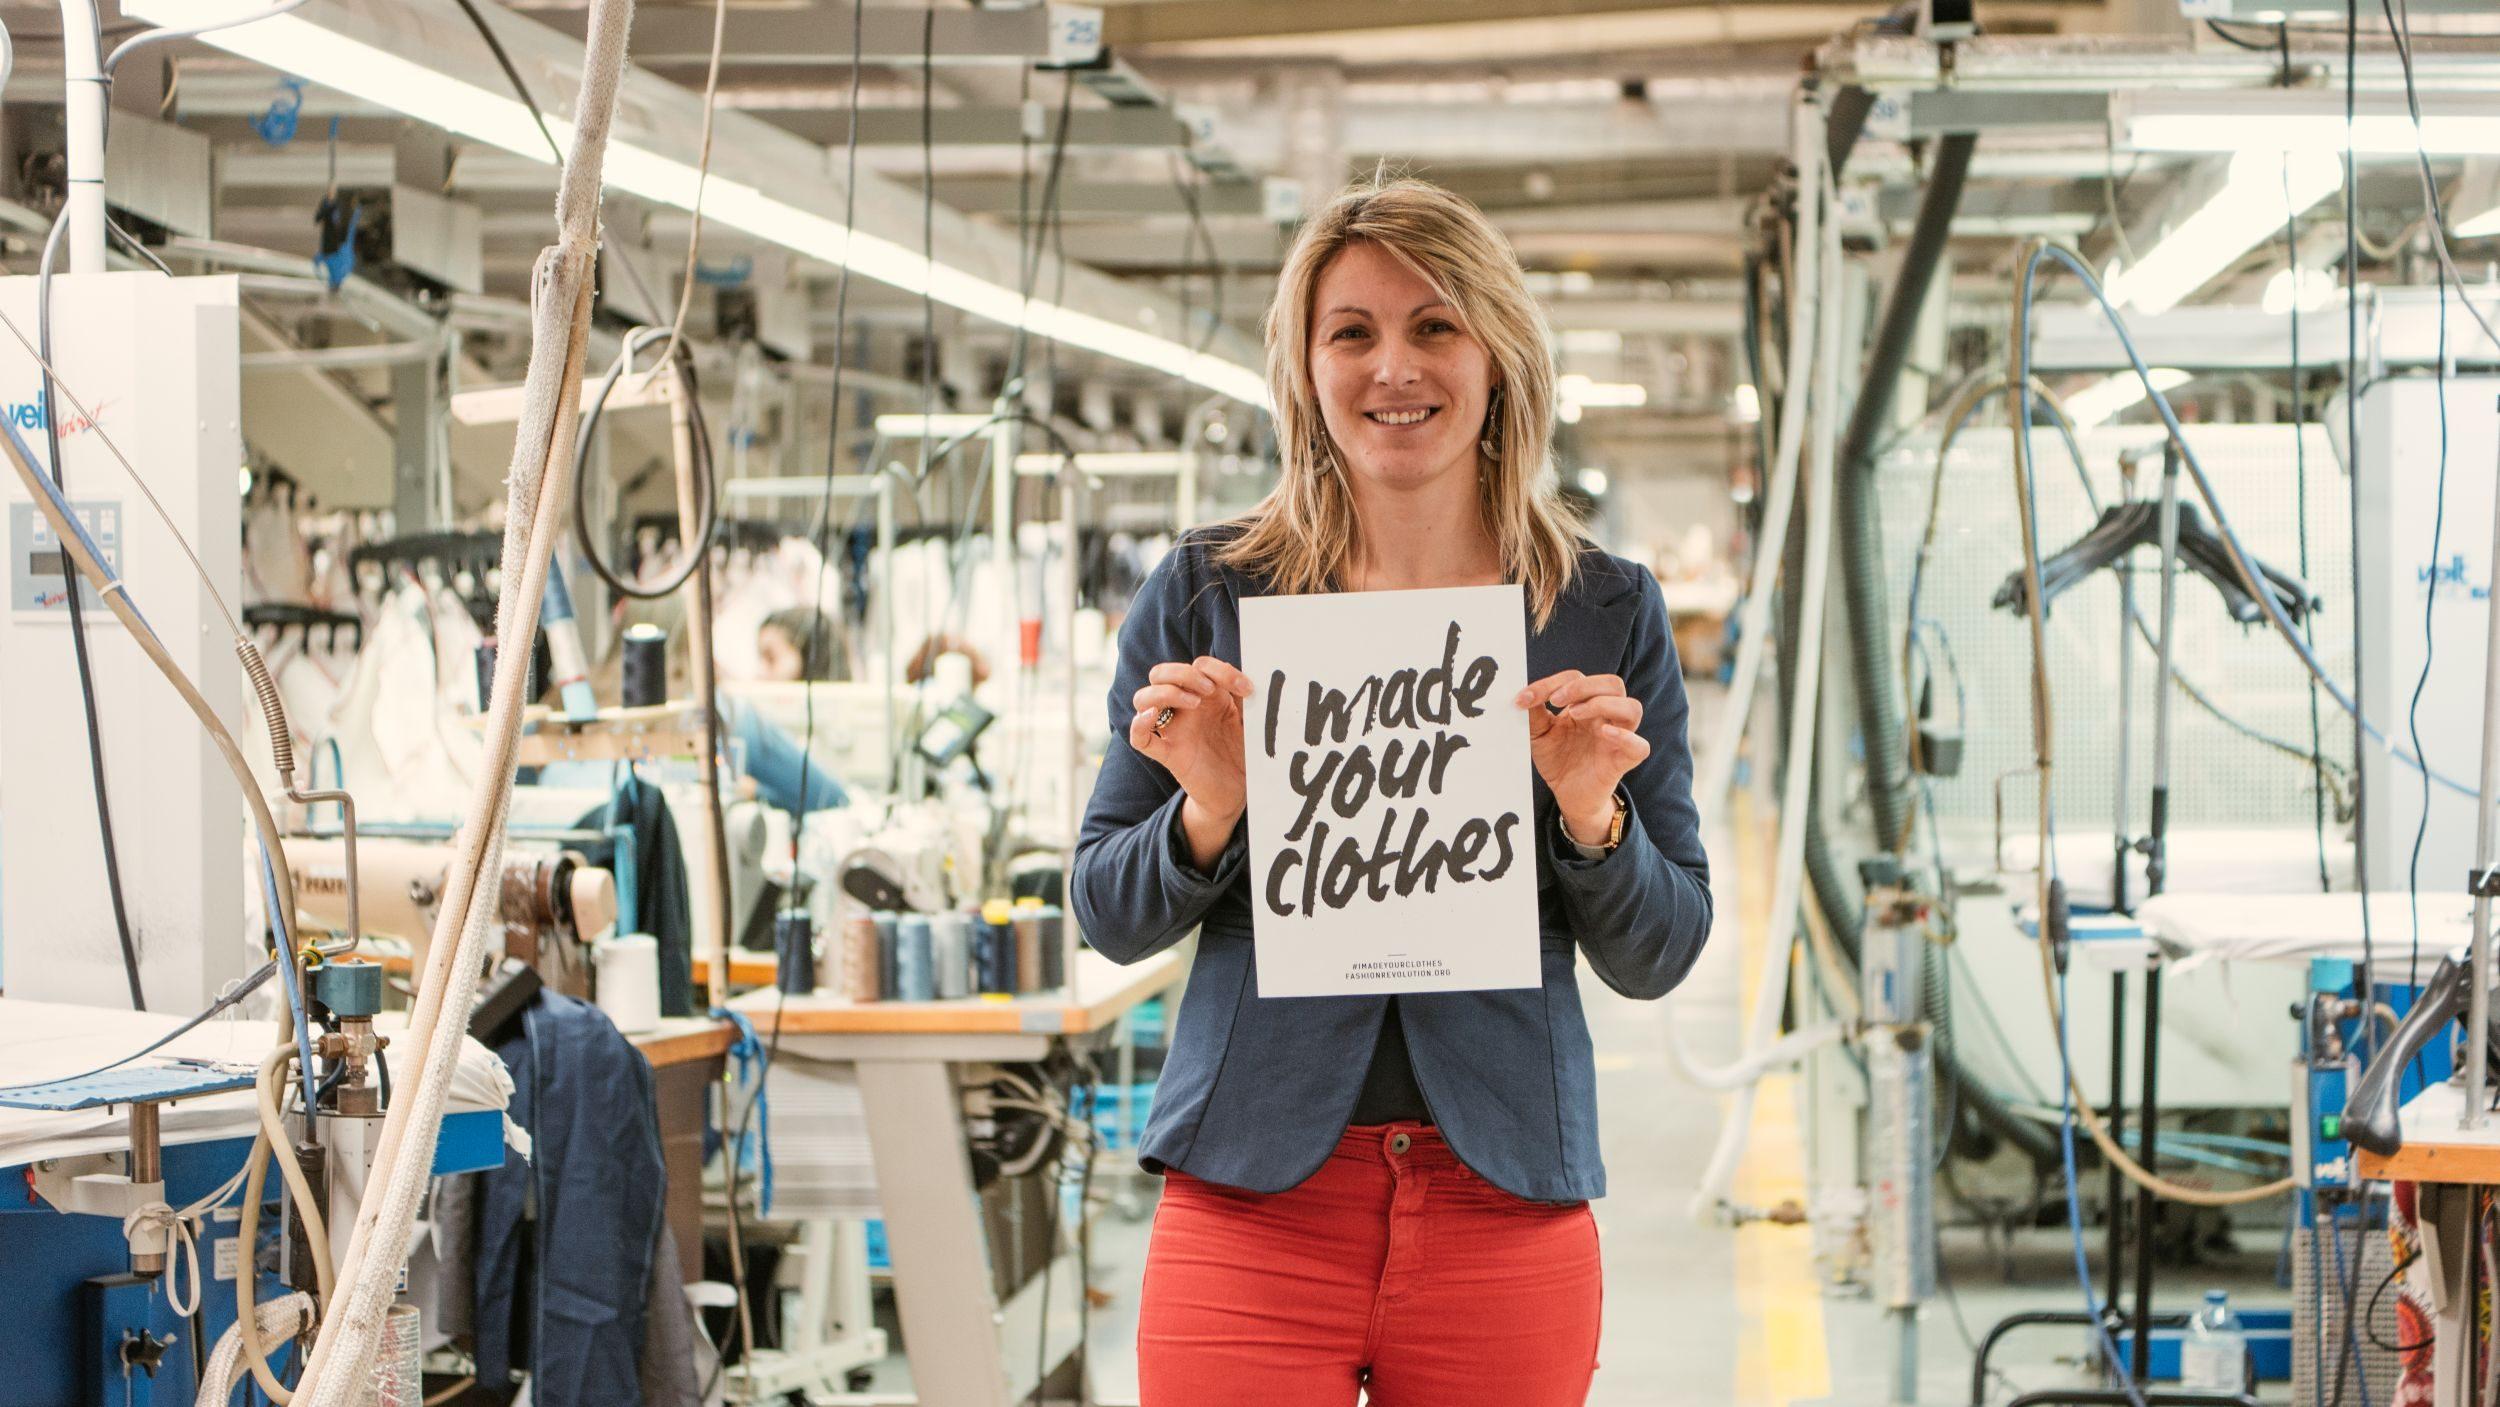 Lautrec_Notre coordinatrice chez Euroralex usine chaîne et trame au Portugal pose avec la pancarte I Made your clothes au milieu de l'atelier